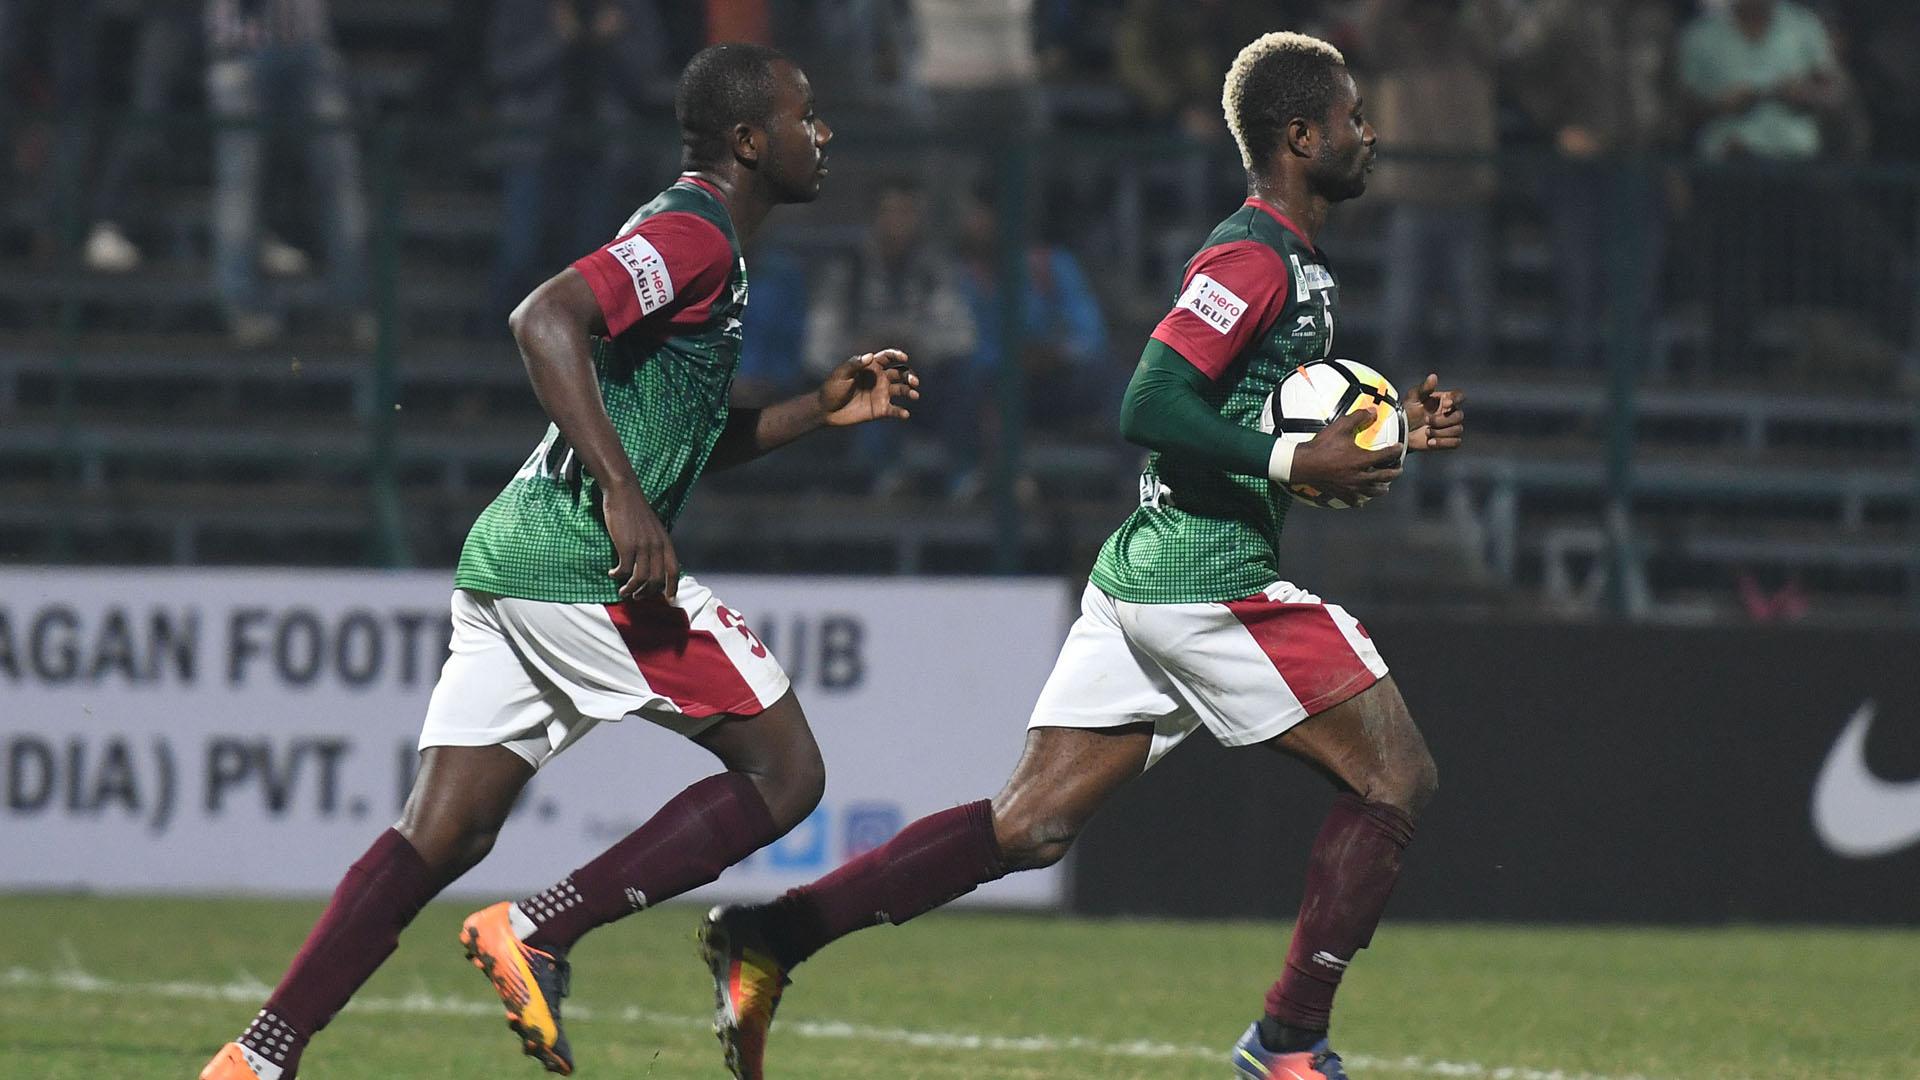 Dipanda Dicka Ansumana Kromah Mohun Bagan Chennai City FC I-League 2017/2018